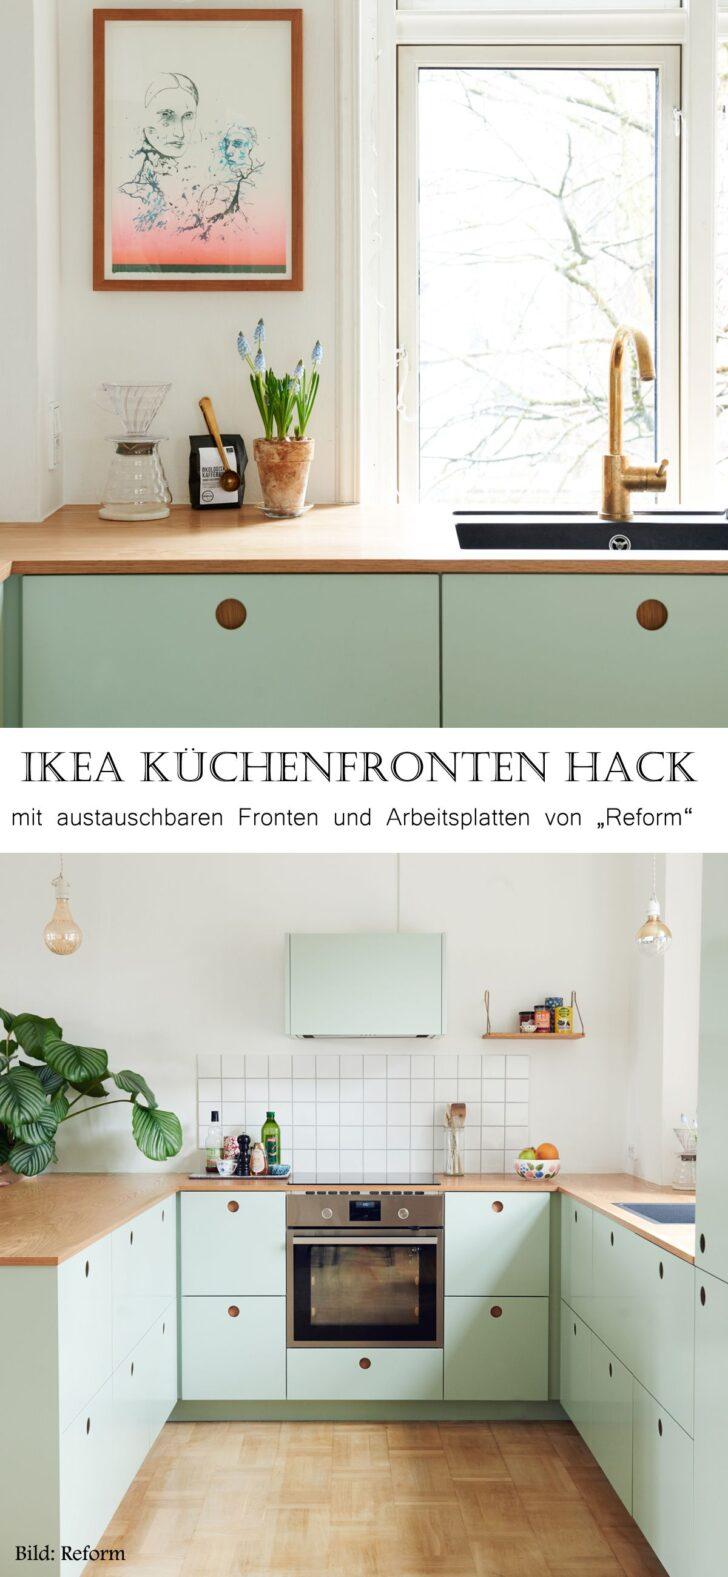 Medium Size of Ikea Küche Faktum Landhaus Fronten Fr Kche Kelsebo Selber Planen Kaufen Hängeschrank Vinylboden Essplatz Arbeitsplatte Ohne Elektrogeräte Vinyl Spritzschutz Wohnzimmer Ikea Küche Faktum Landhaus